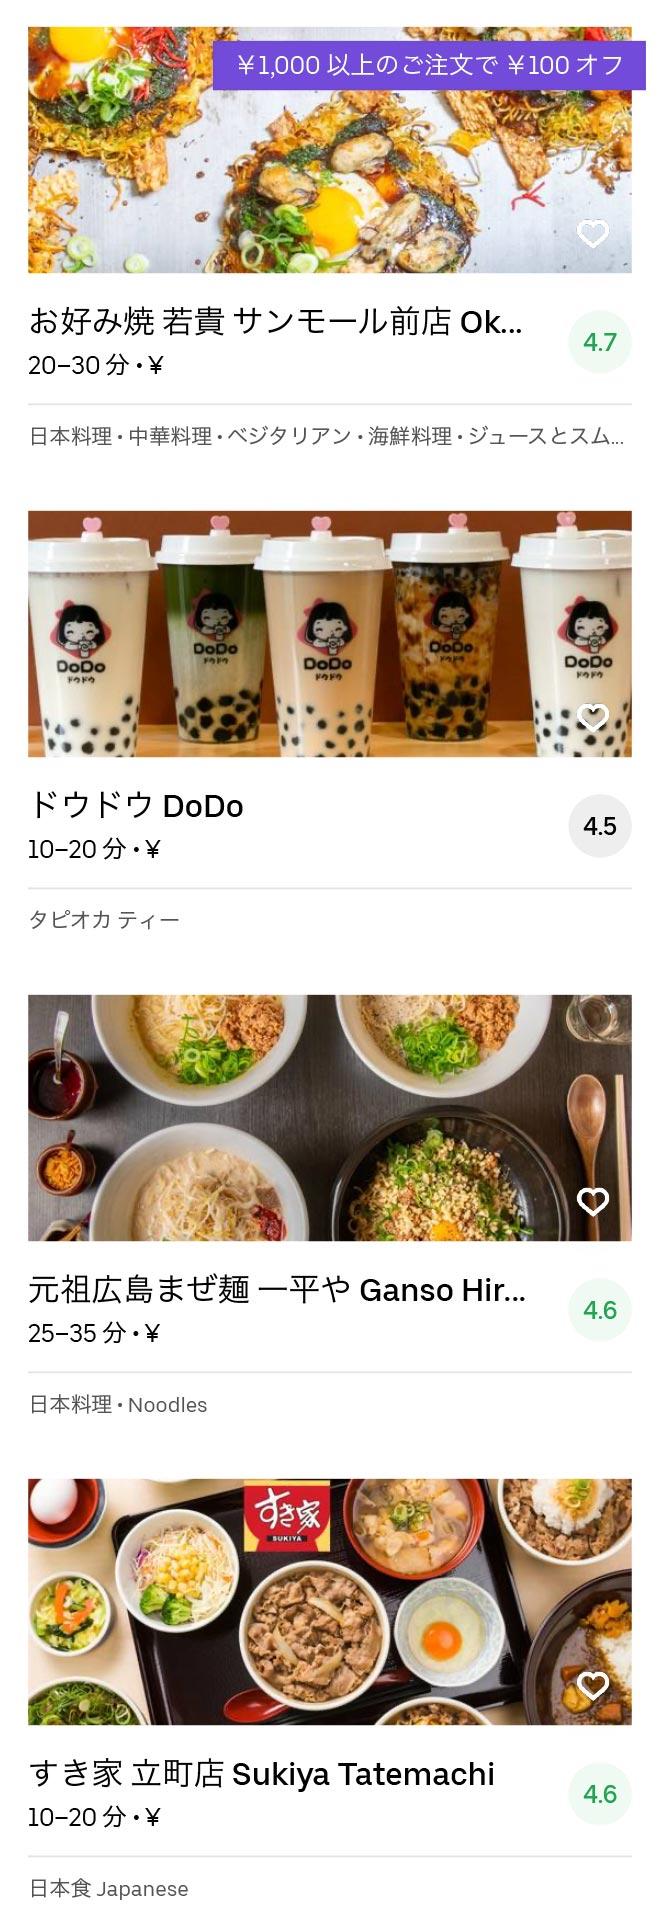 Hiroshima toukaimachi menu 2005 05